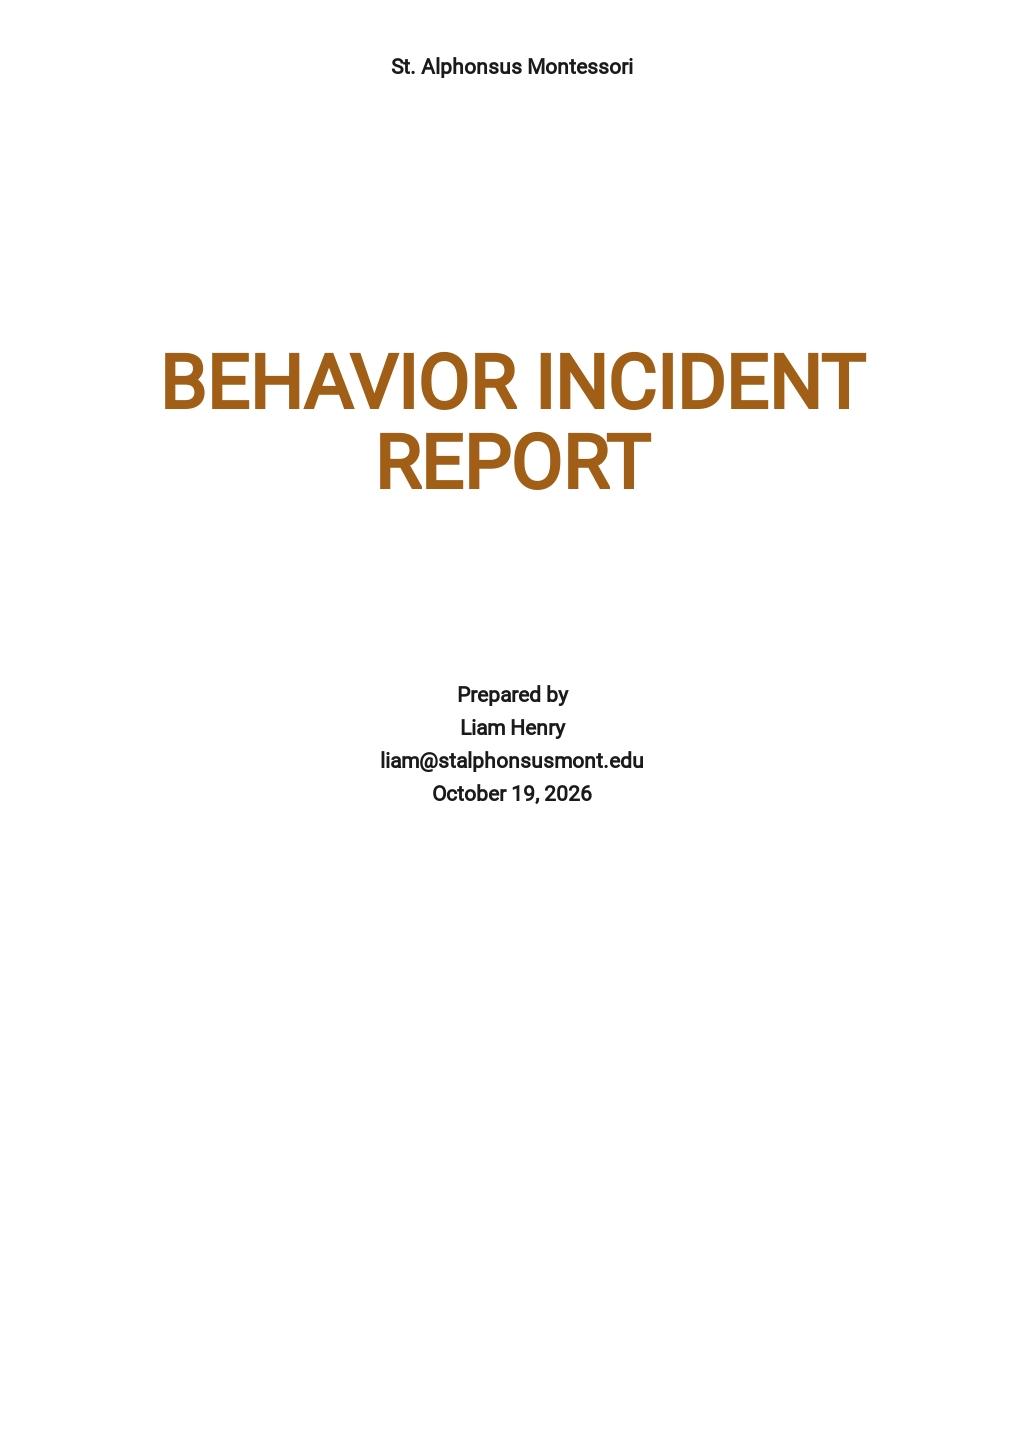 Behavior Incident Report Template